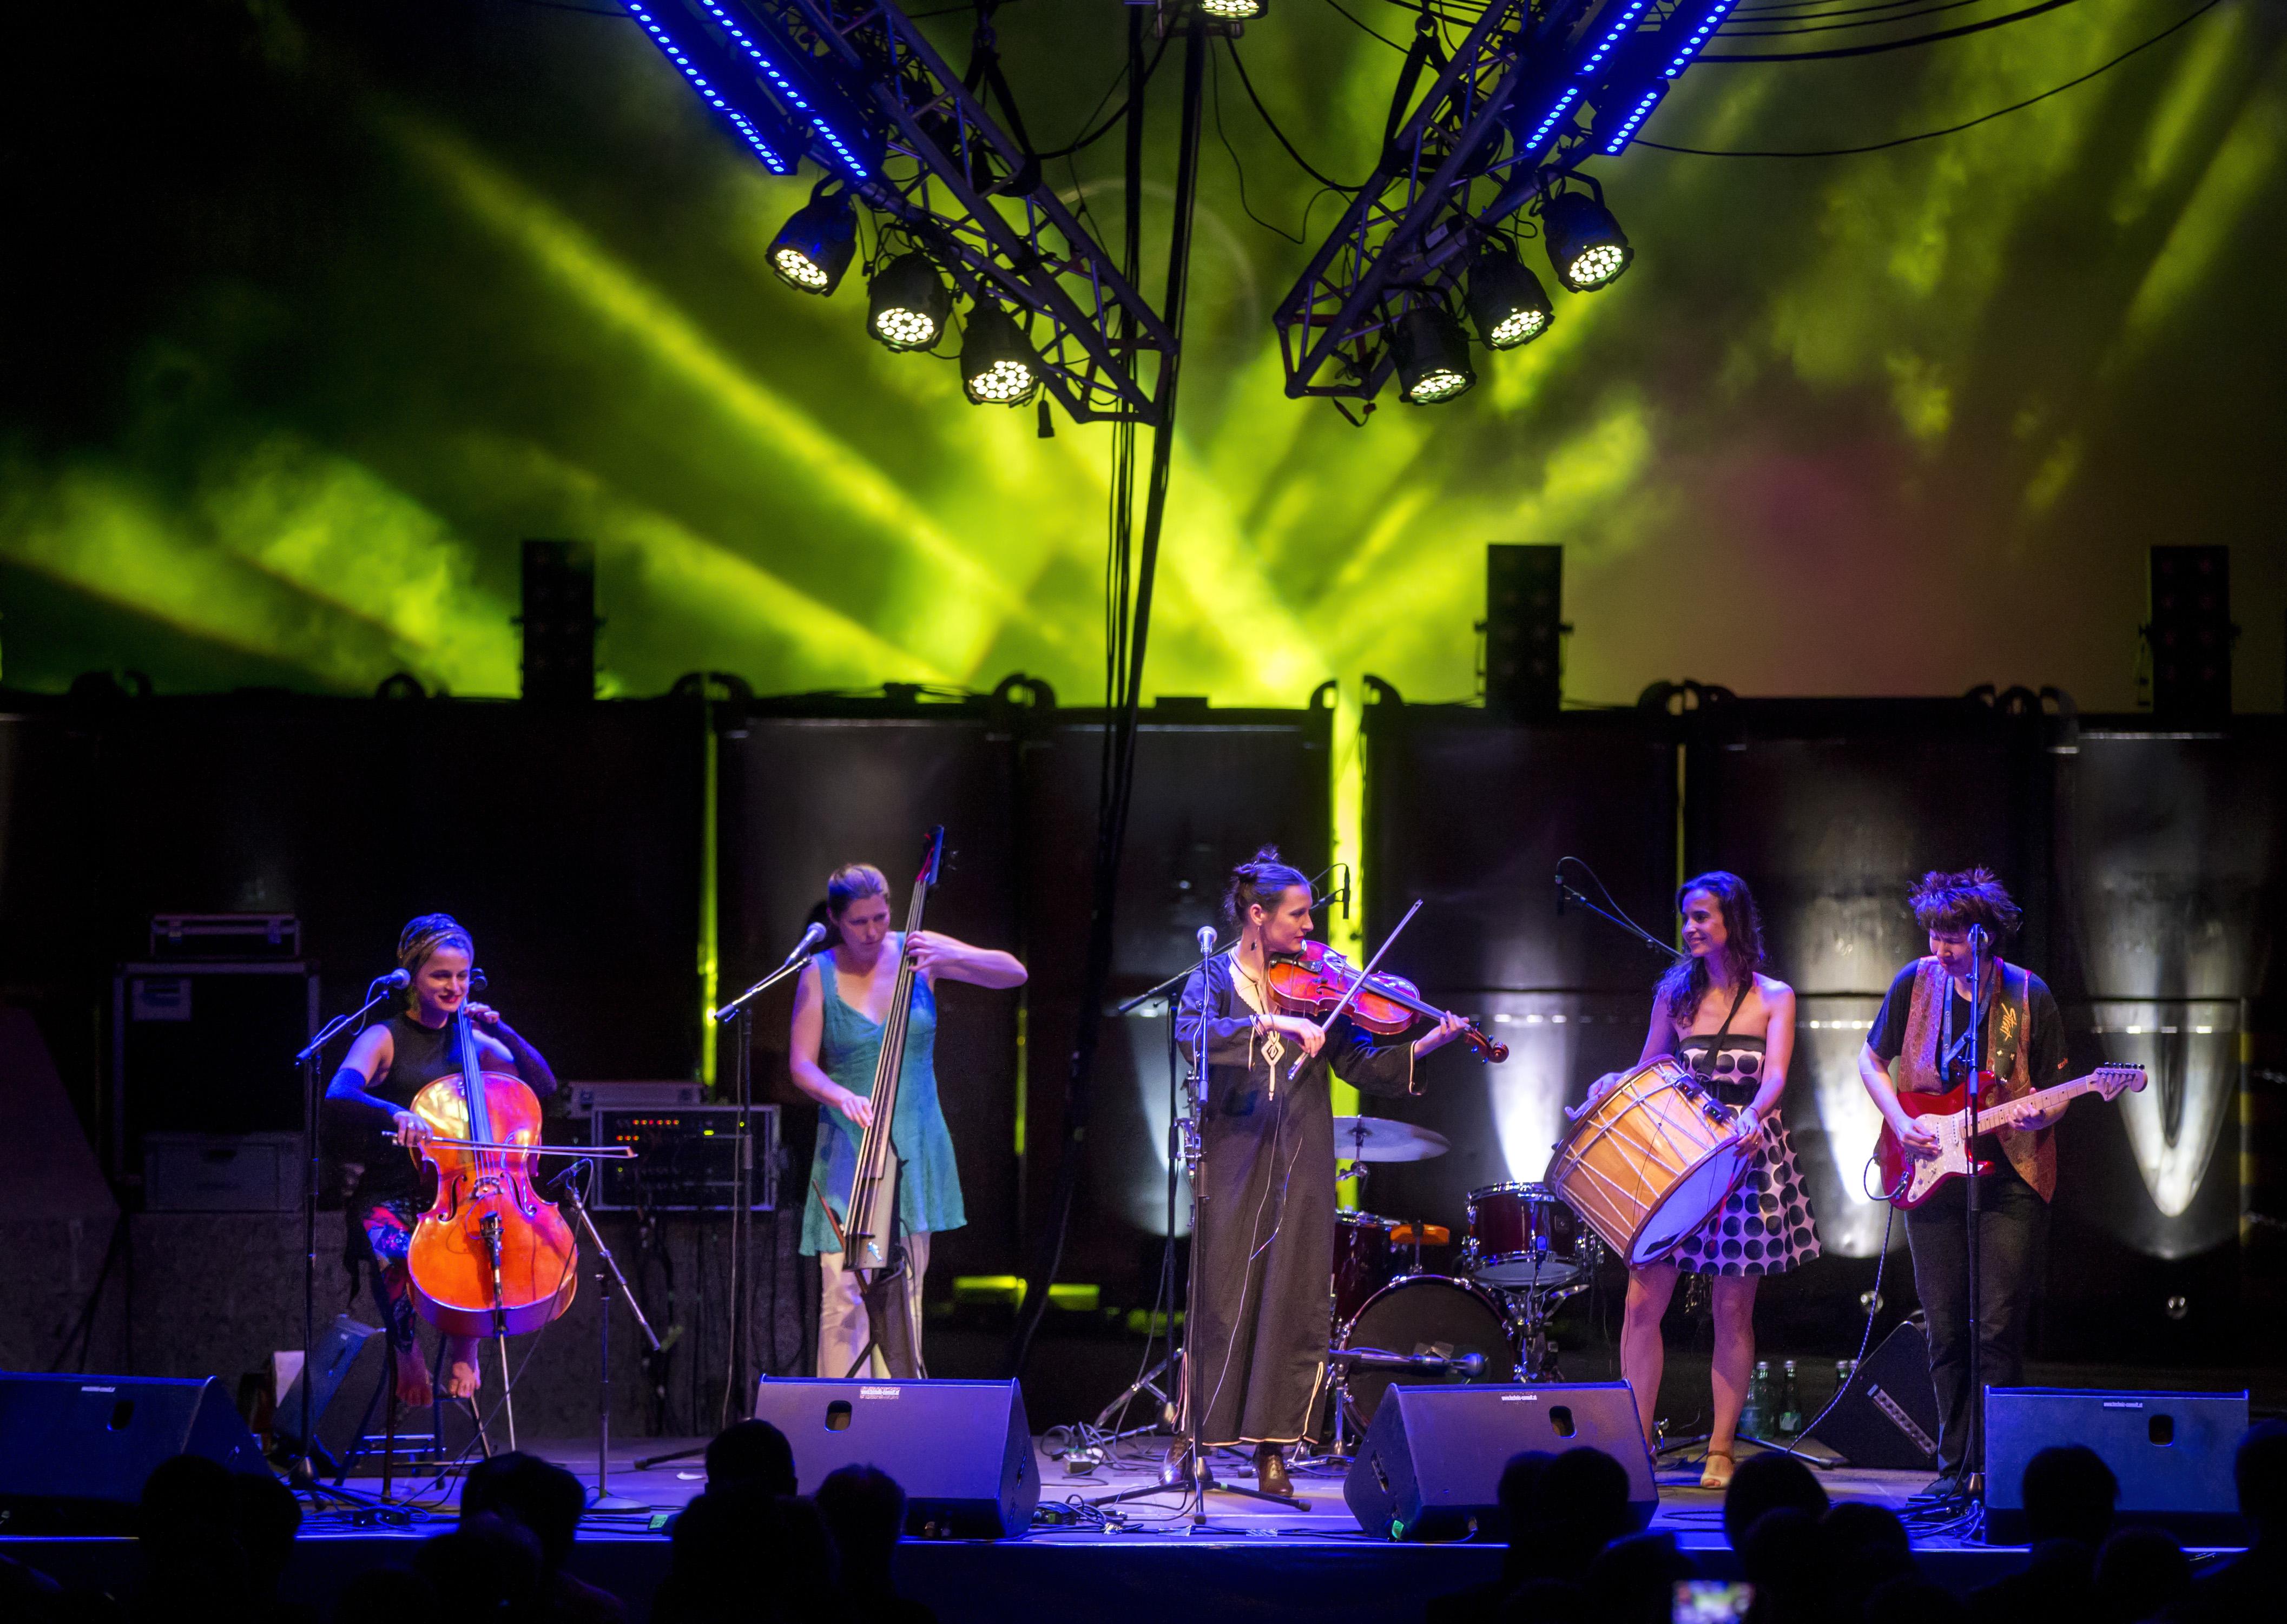 Außergewöhnliche Band, fulminante Lichteffekte und eine einzigartige Location – das Konzert in der Produktionshalle für Ferrolegierungen der Treibacher Industrie AG war auch heuer ein voller Erfolg  |  (Fotocredit: © Wolfgang Jannach)